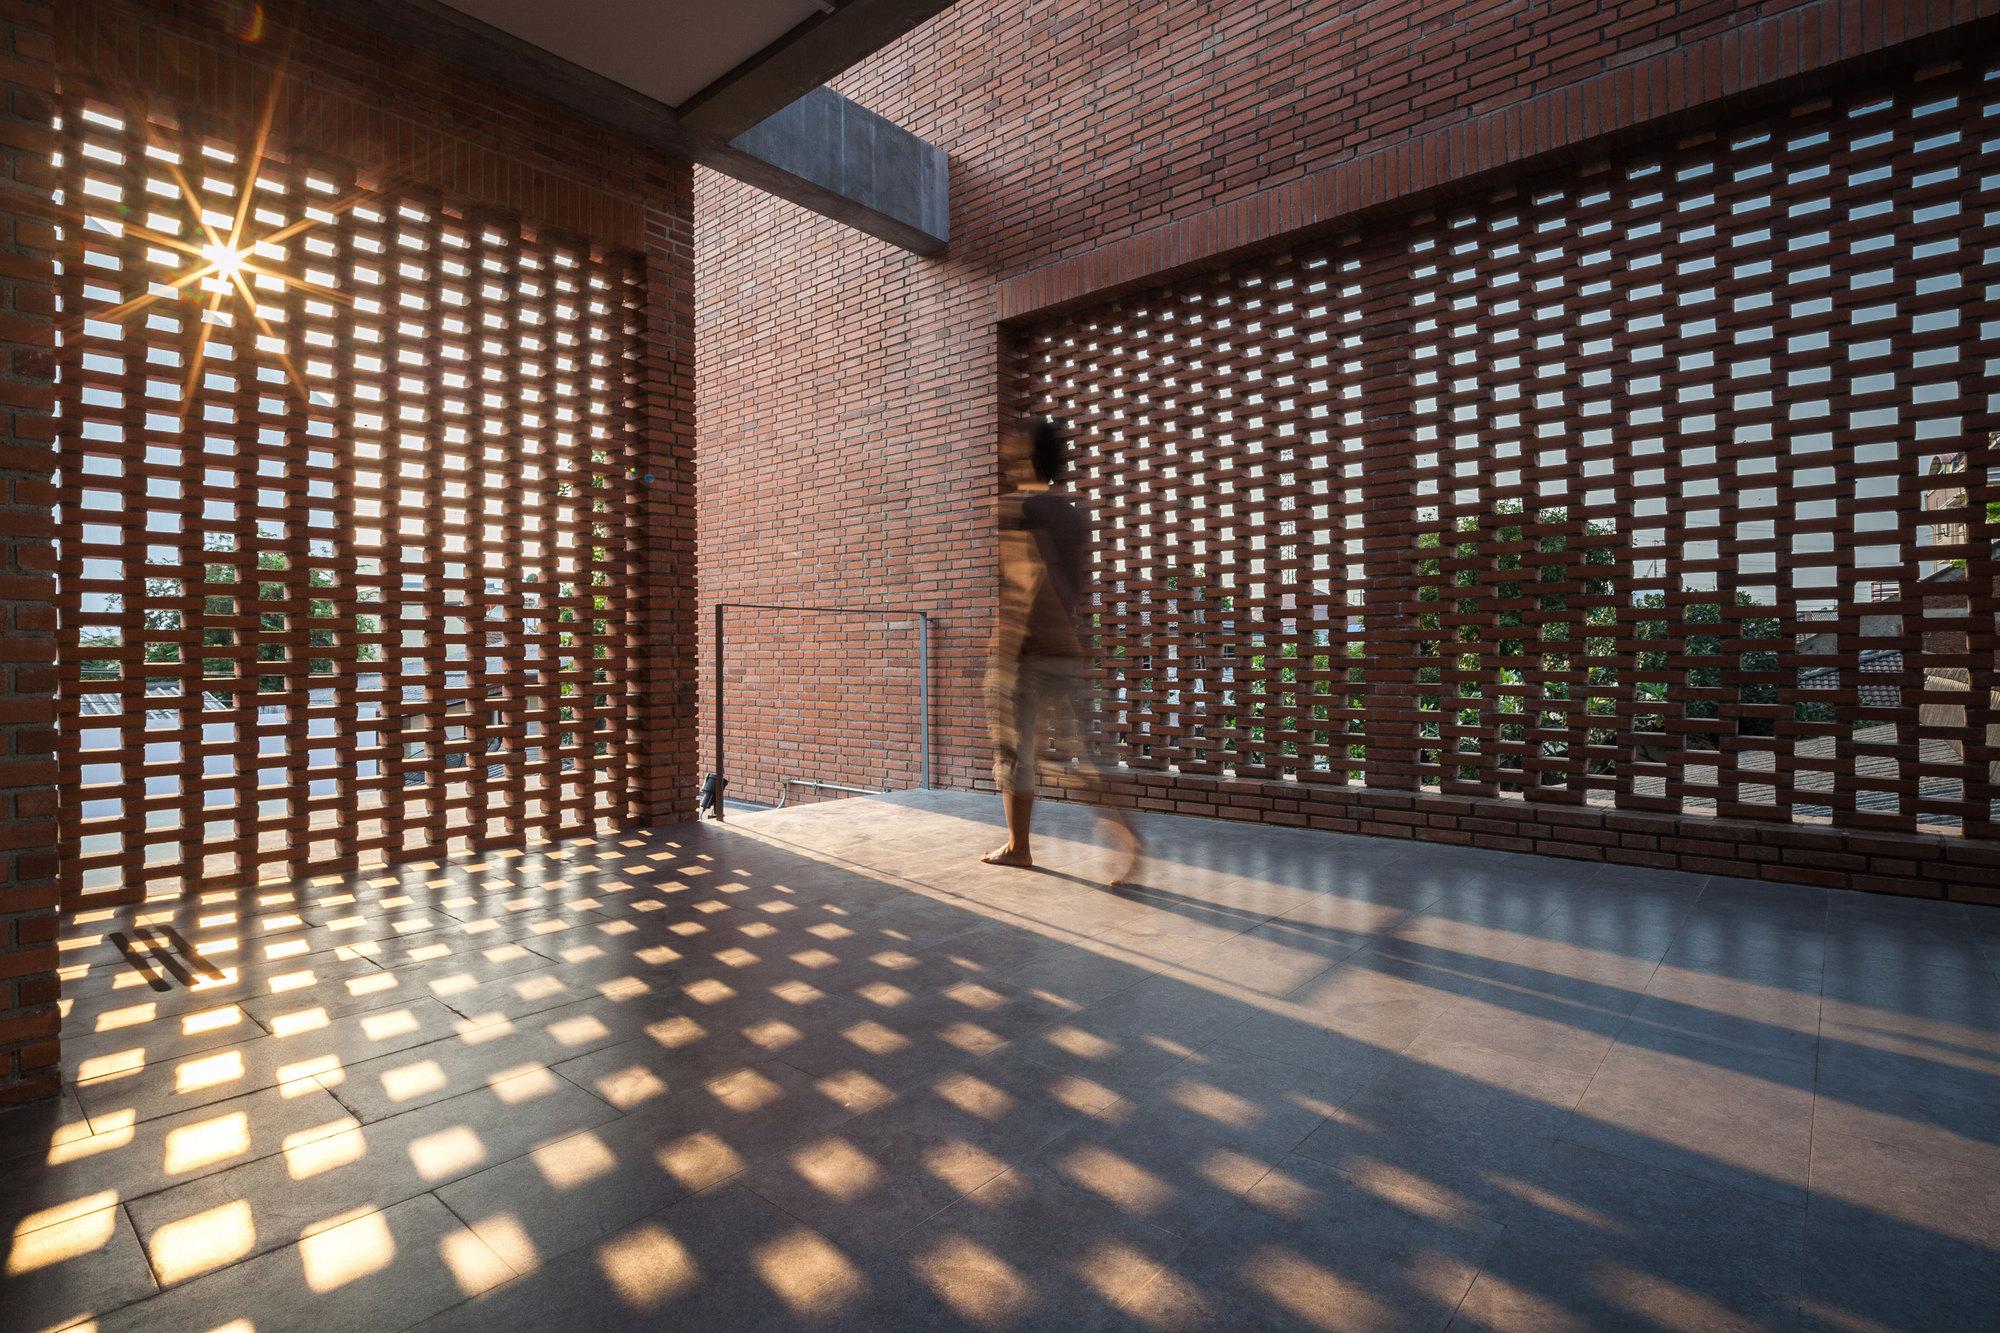 Architect And Design ngamwongwan house / junsekino architect and design | archdaily